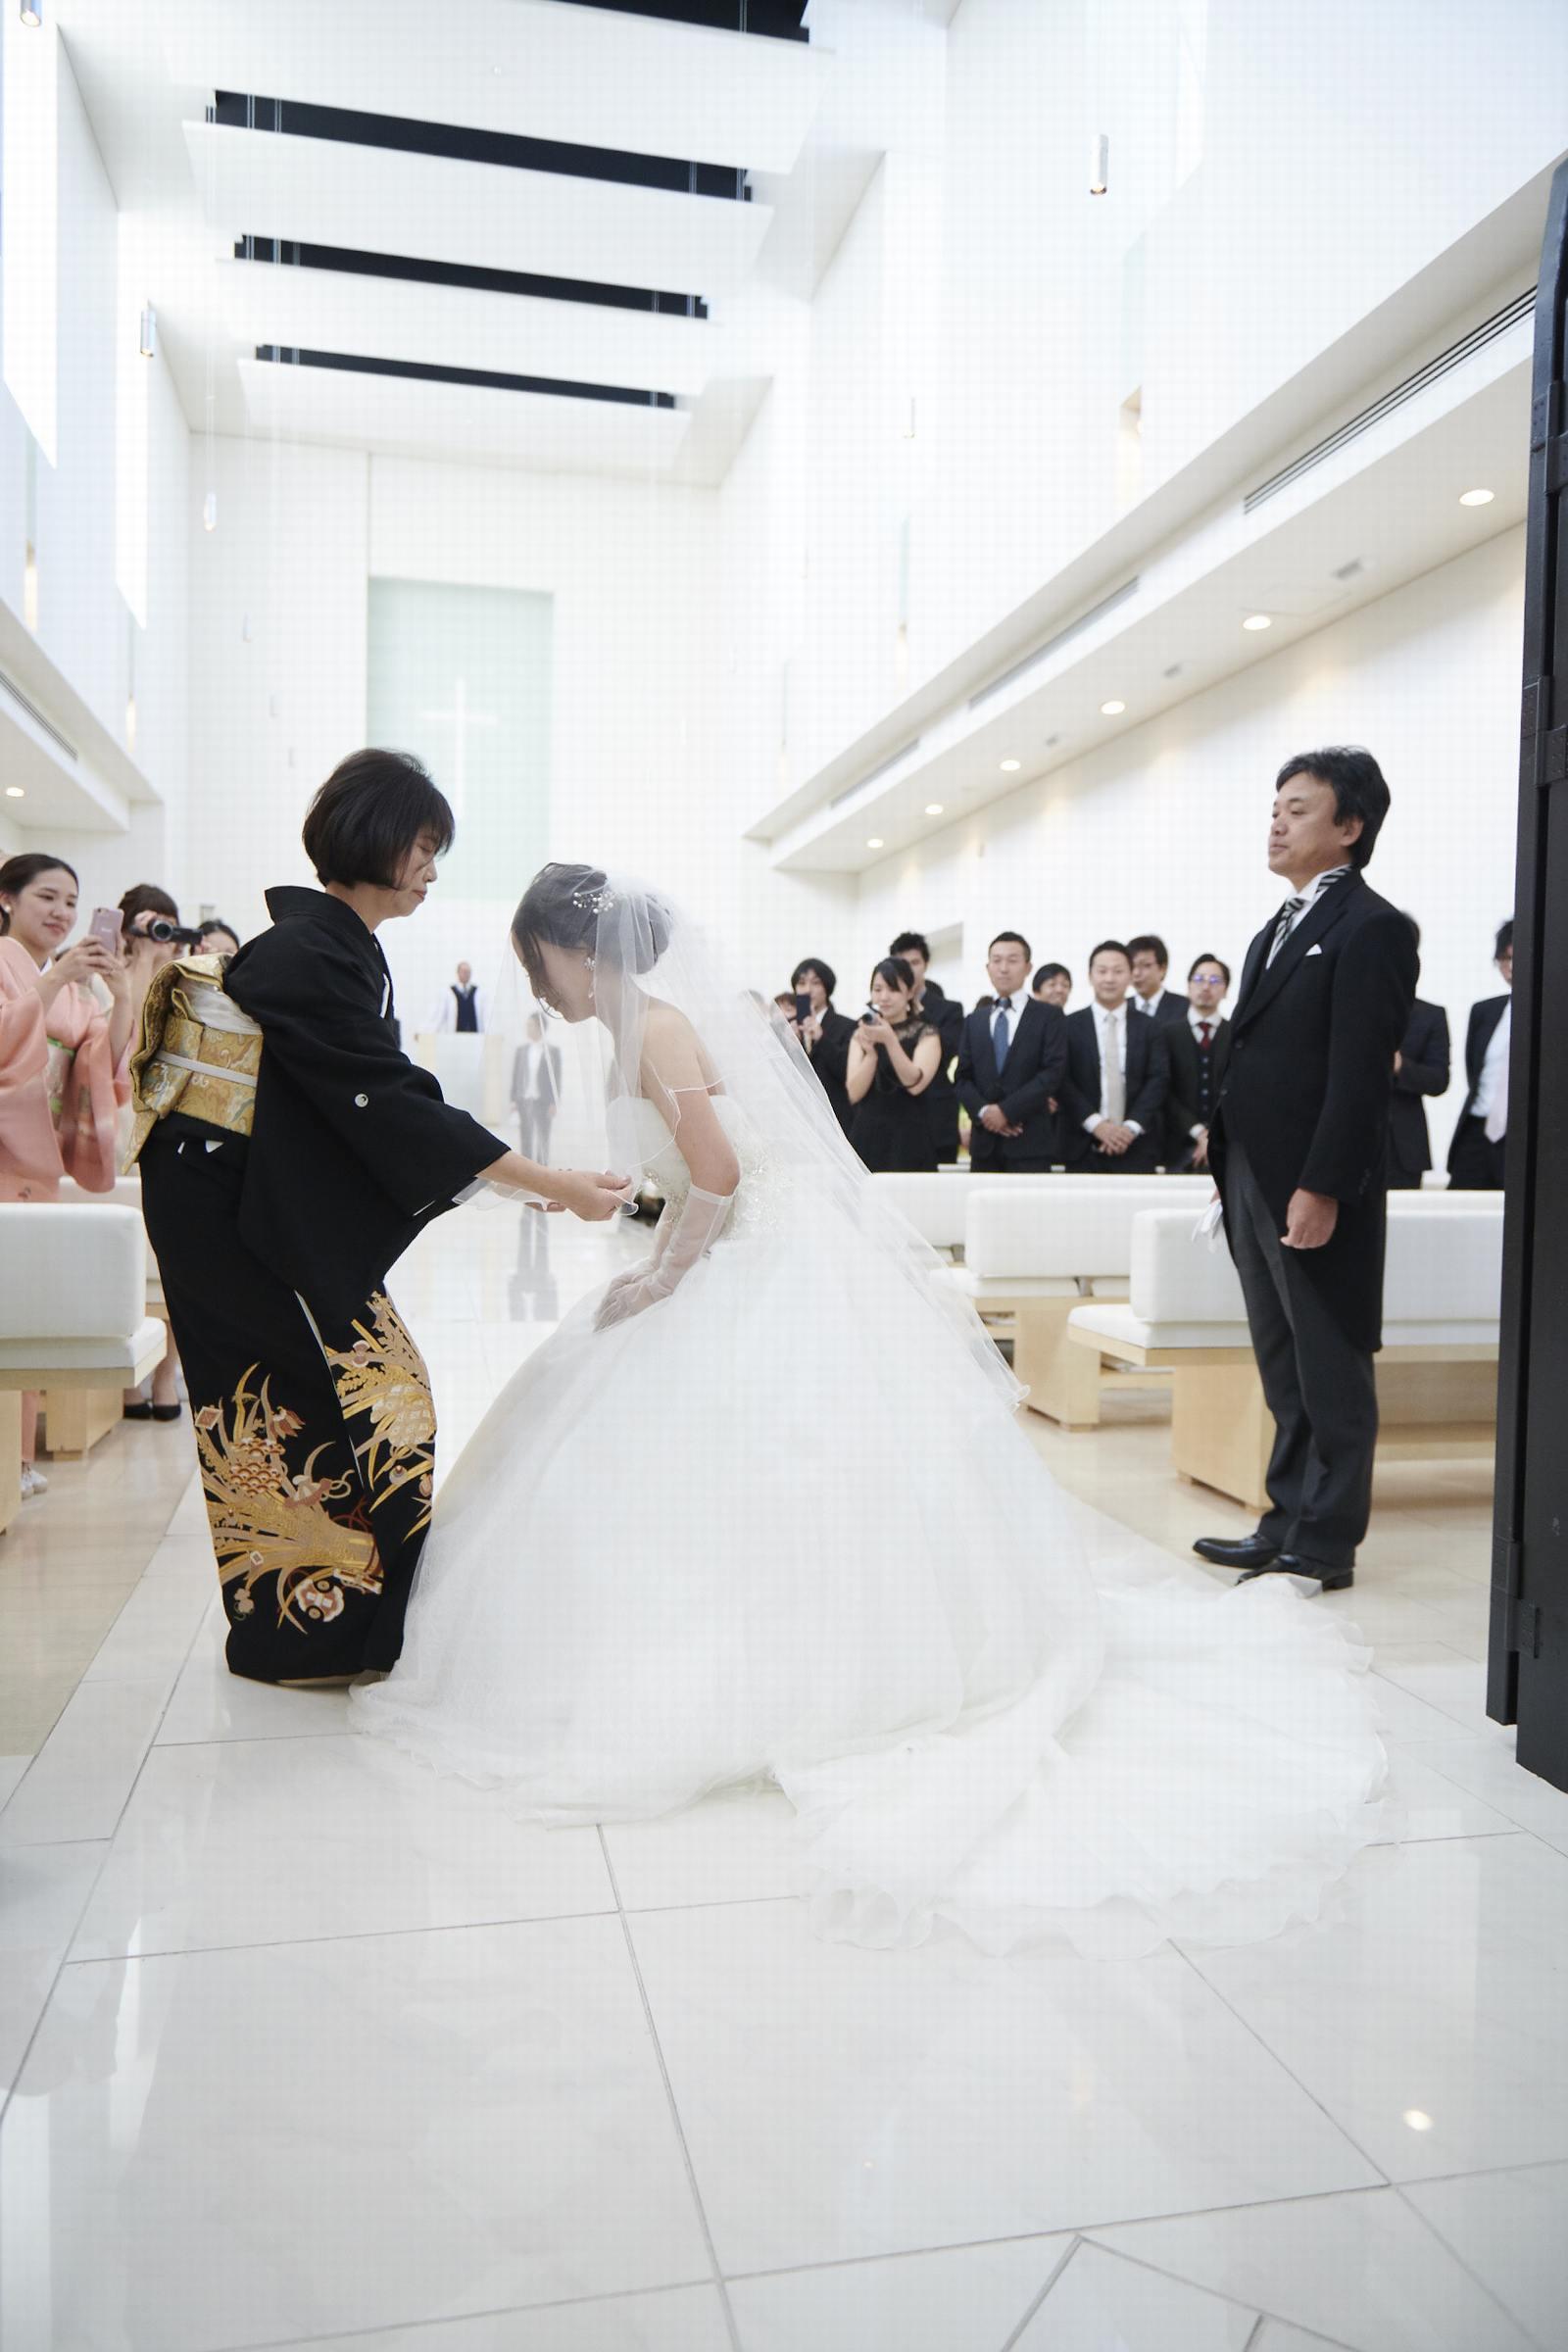 徳島県の結婚式場ブランアンジュのチャペルでベールダウンのセレモニー